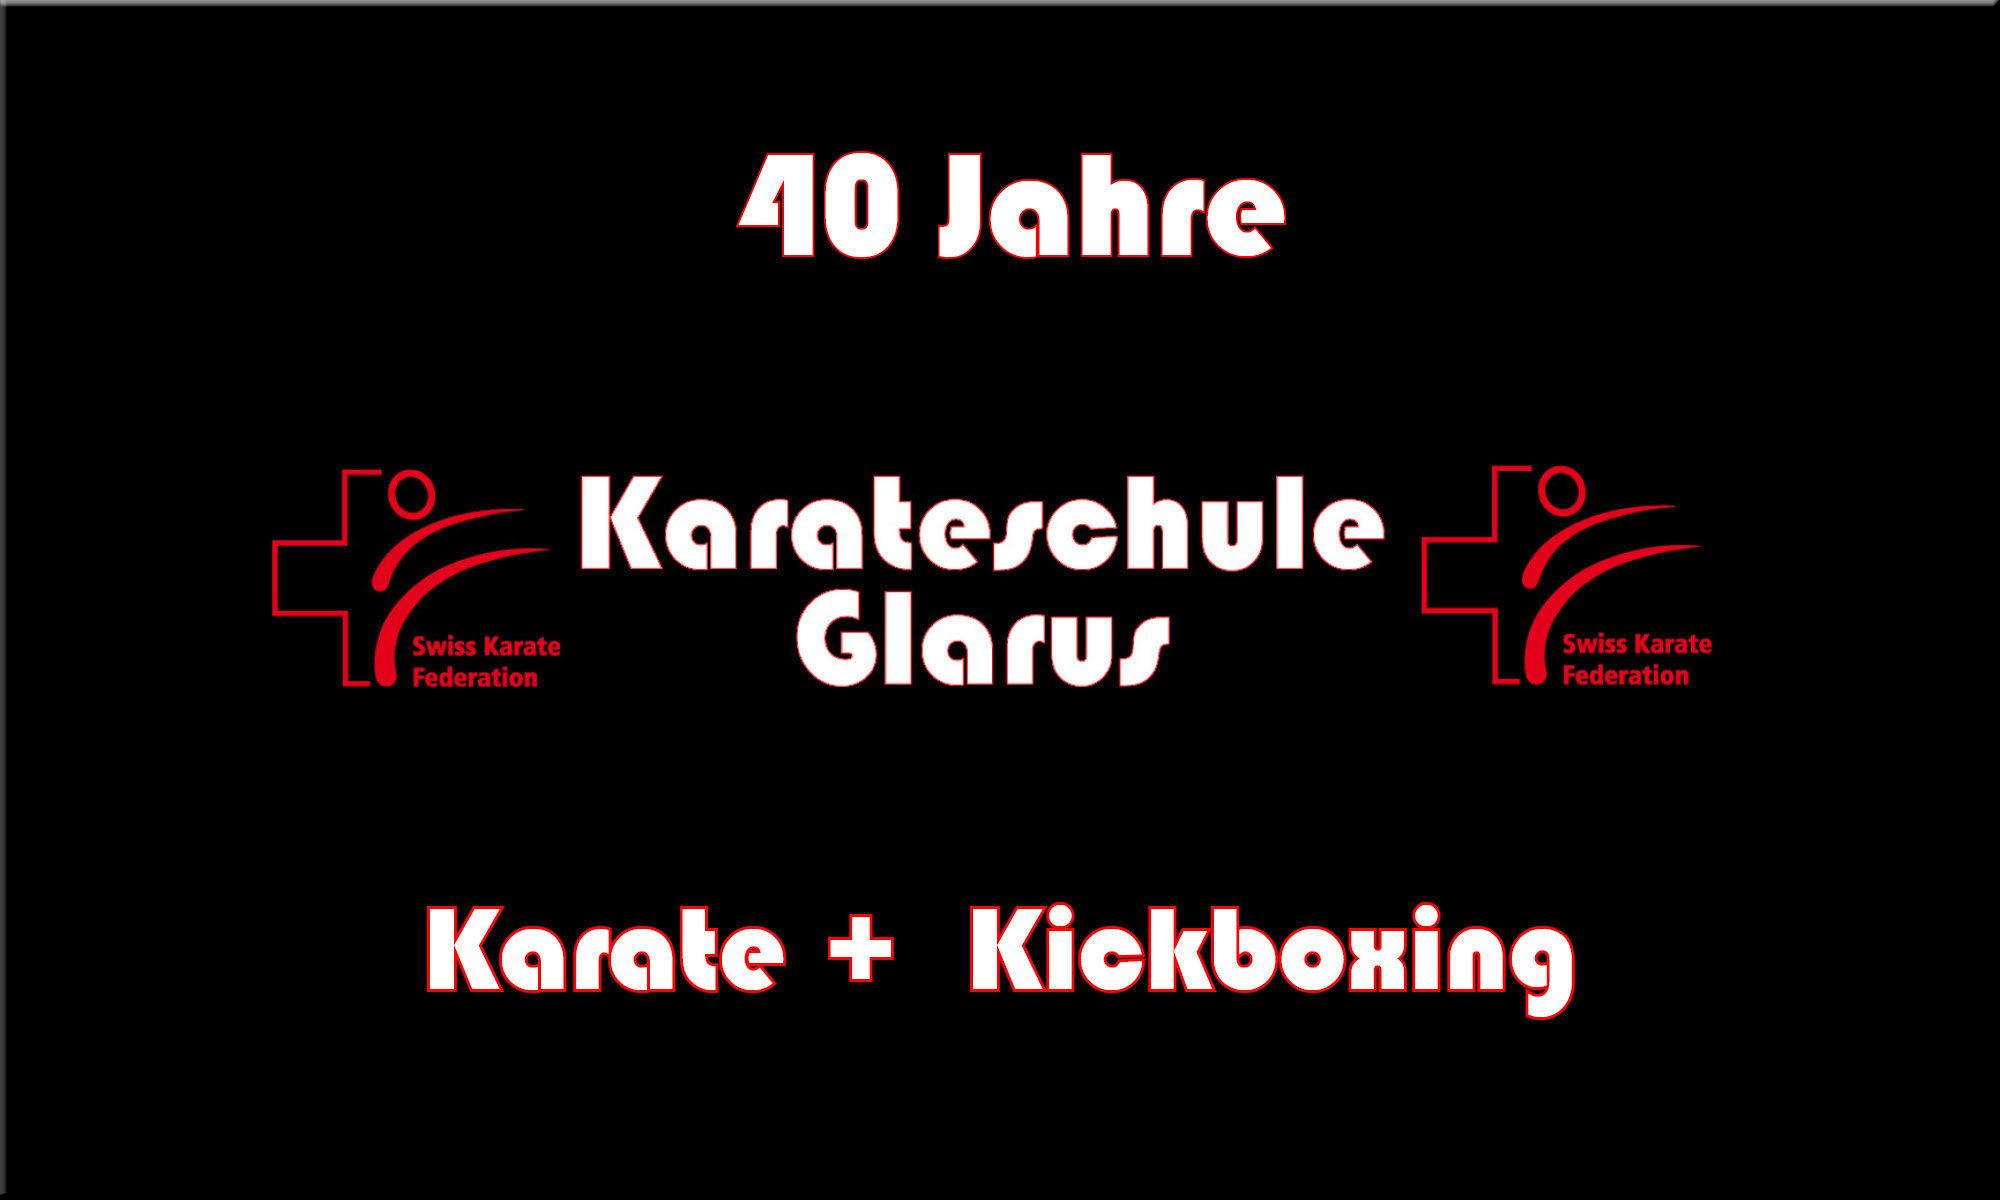 40 Jahre Karateschule Glarus